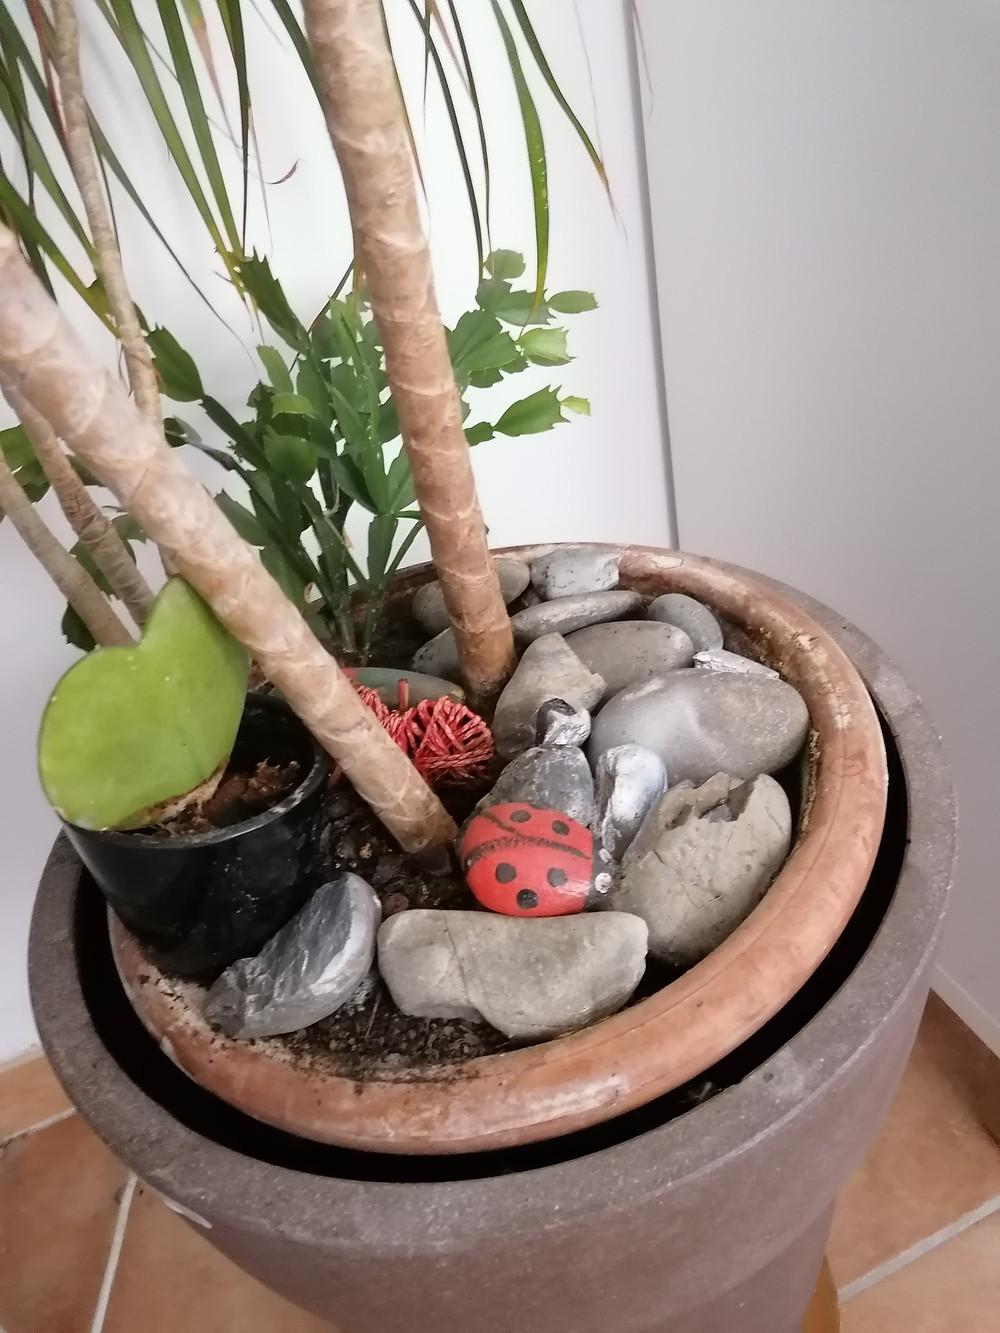 Galets au pied des plantes pour que le chat ne gratte pas